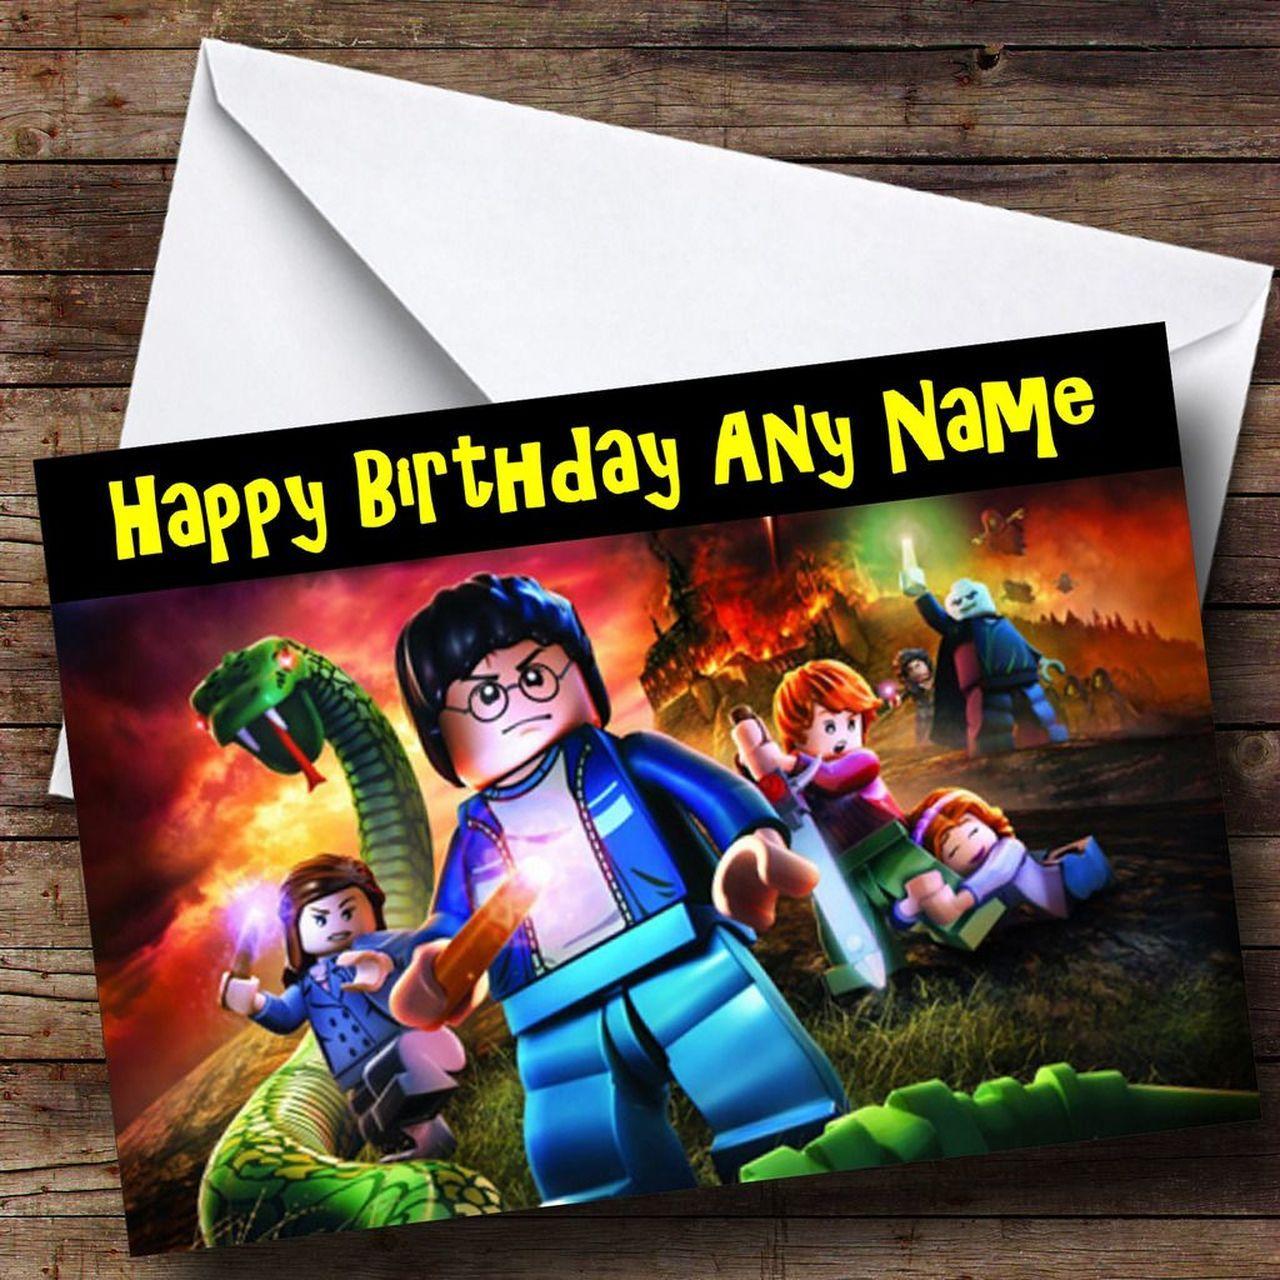 Lego Harry Potter Lego Personalised Birthday Card Personalized Birthday Cards Birthday Cards Personalized Birthday